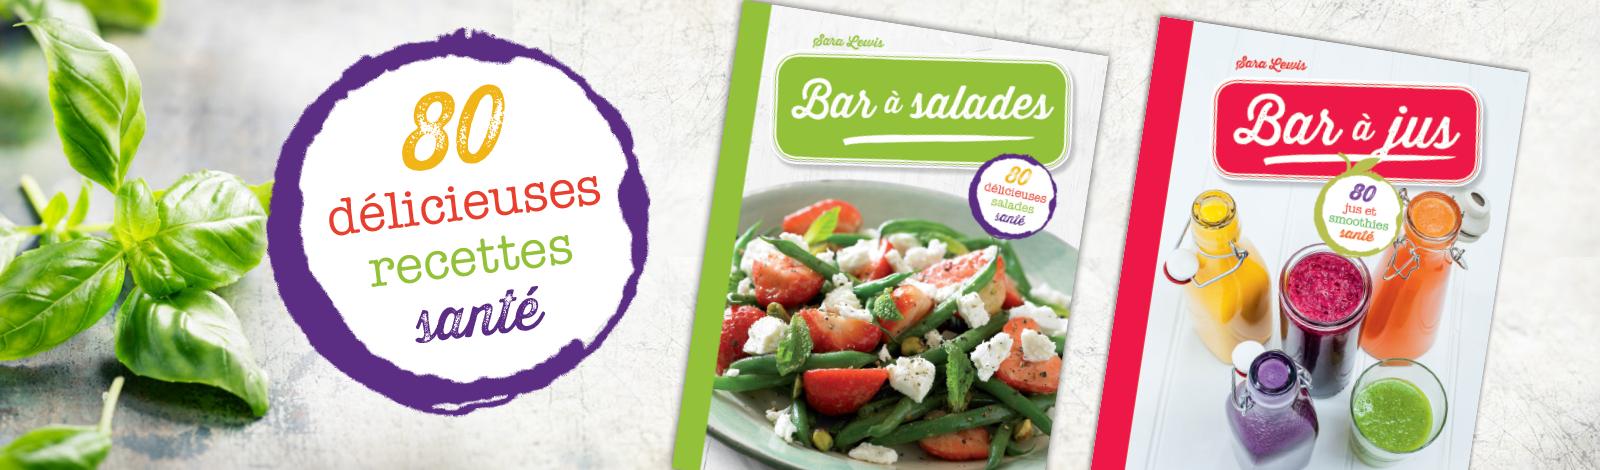 Bar à salade + bar à jus